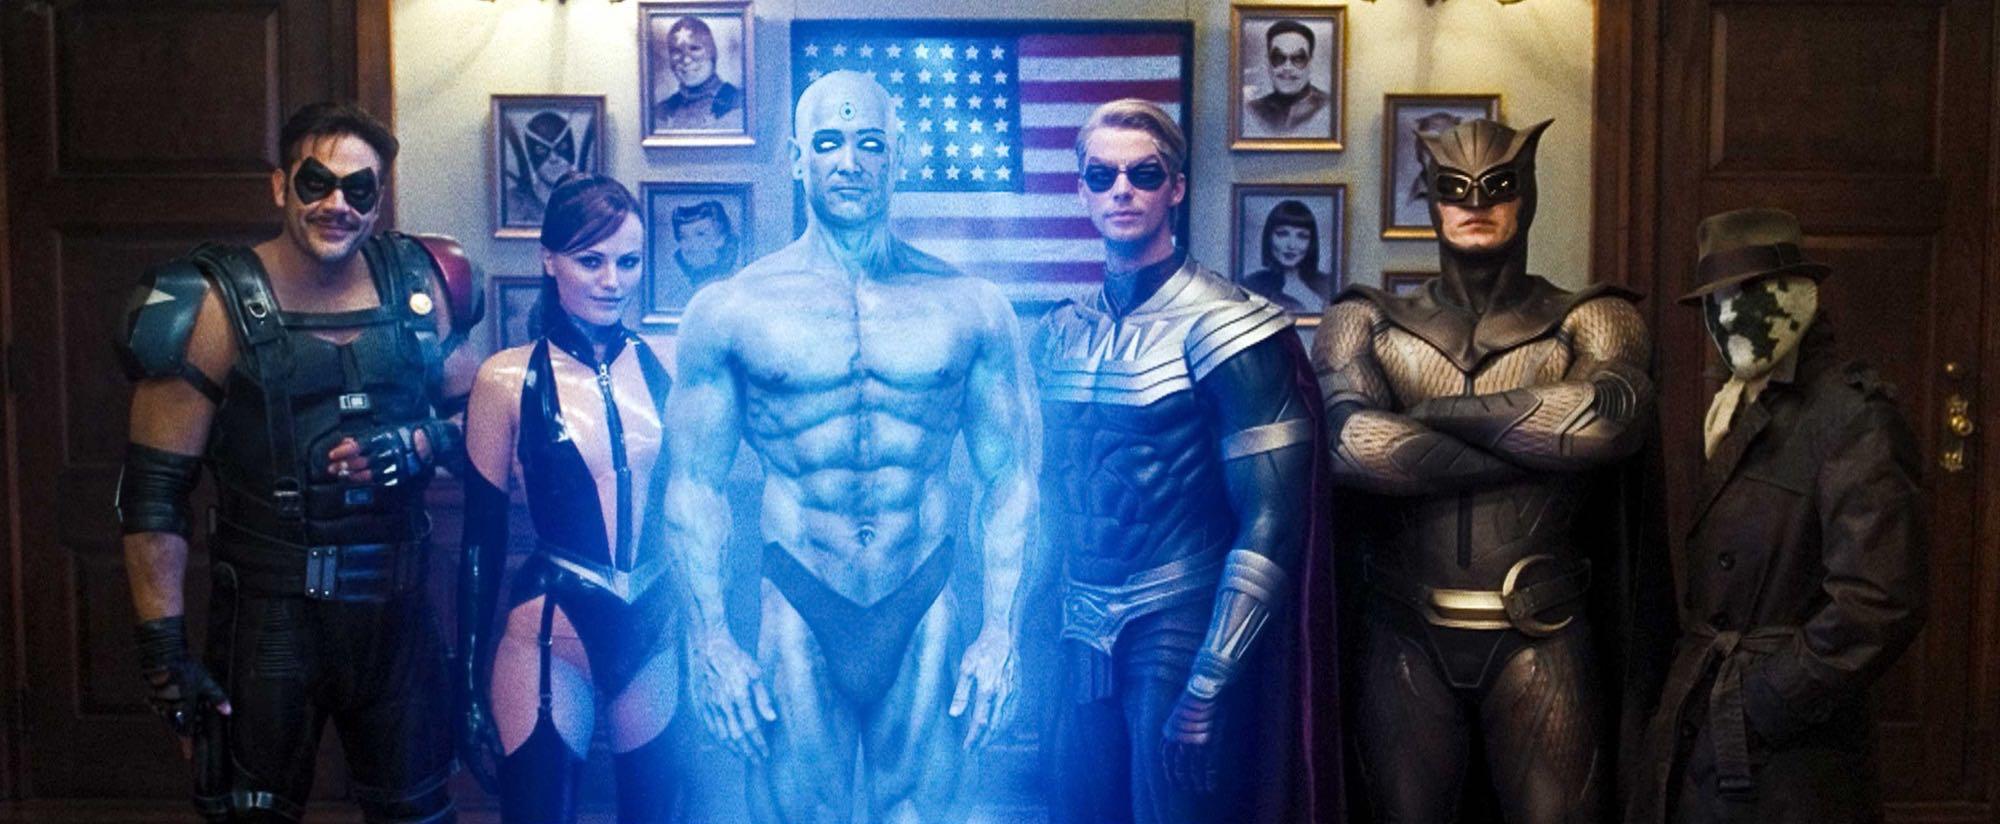 """Gallery Update: """"Watchmen"""" Images"""